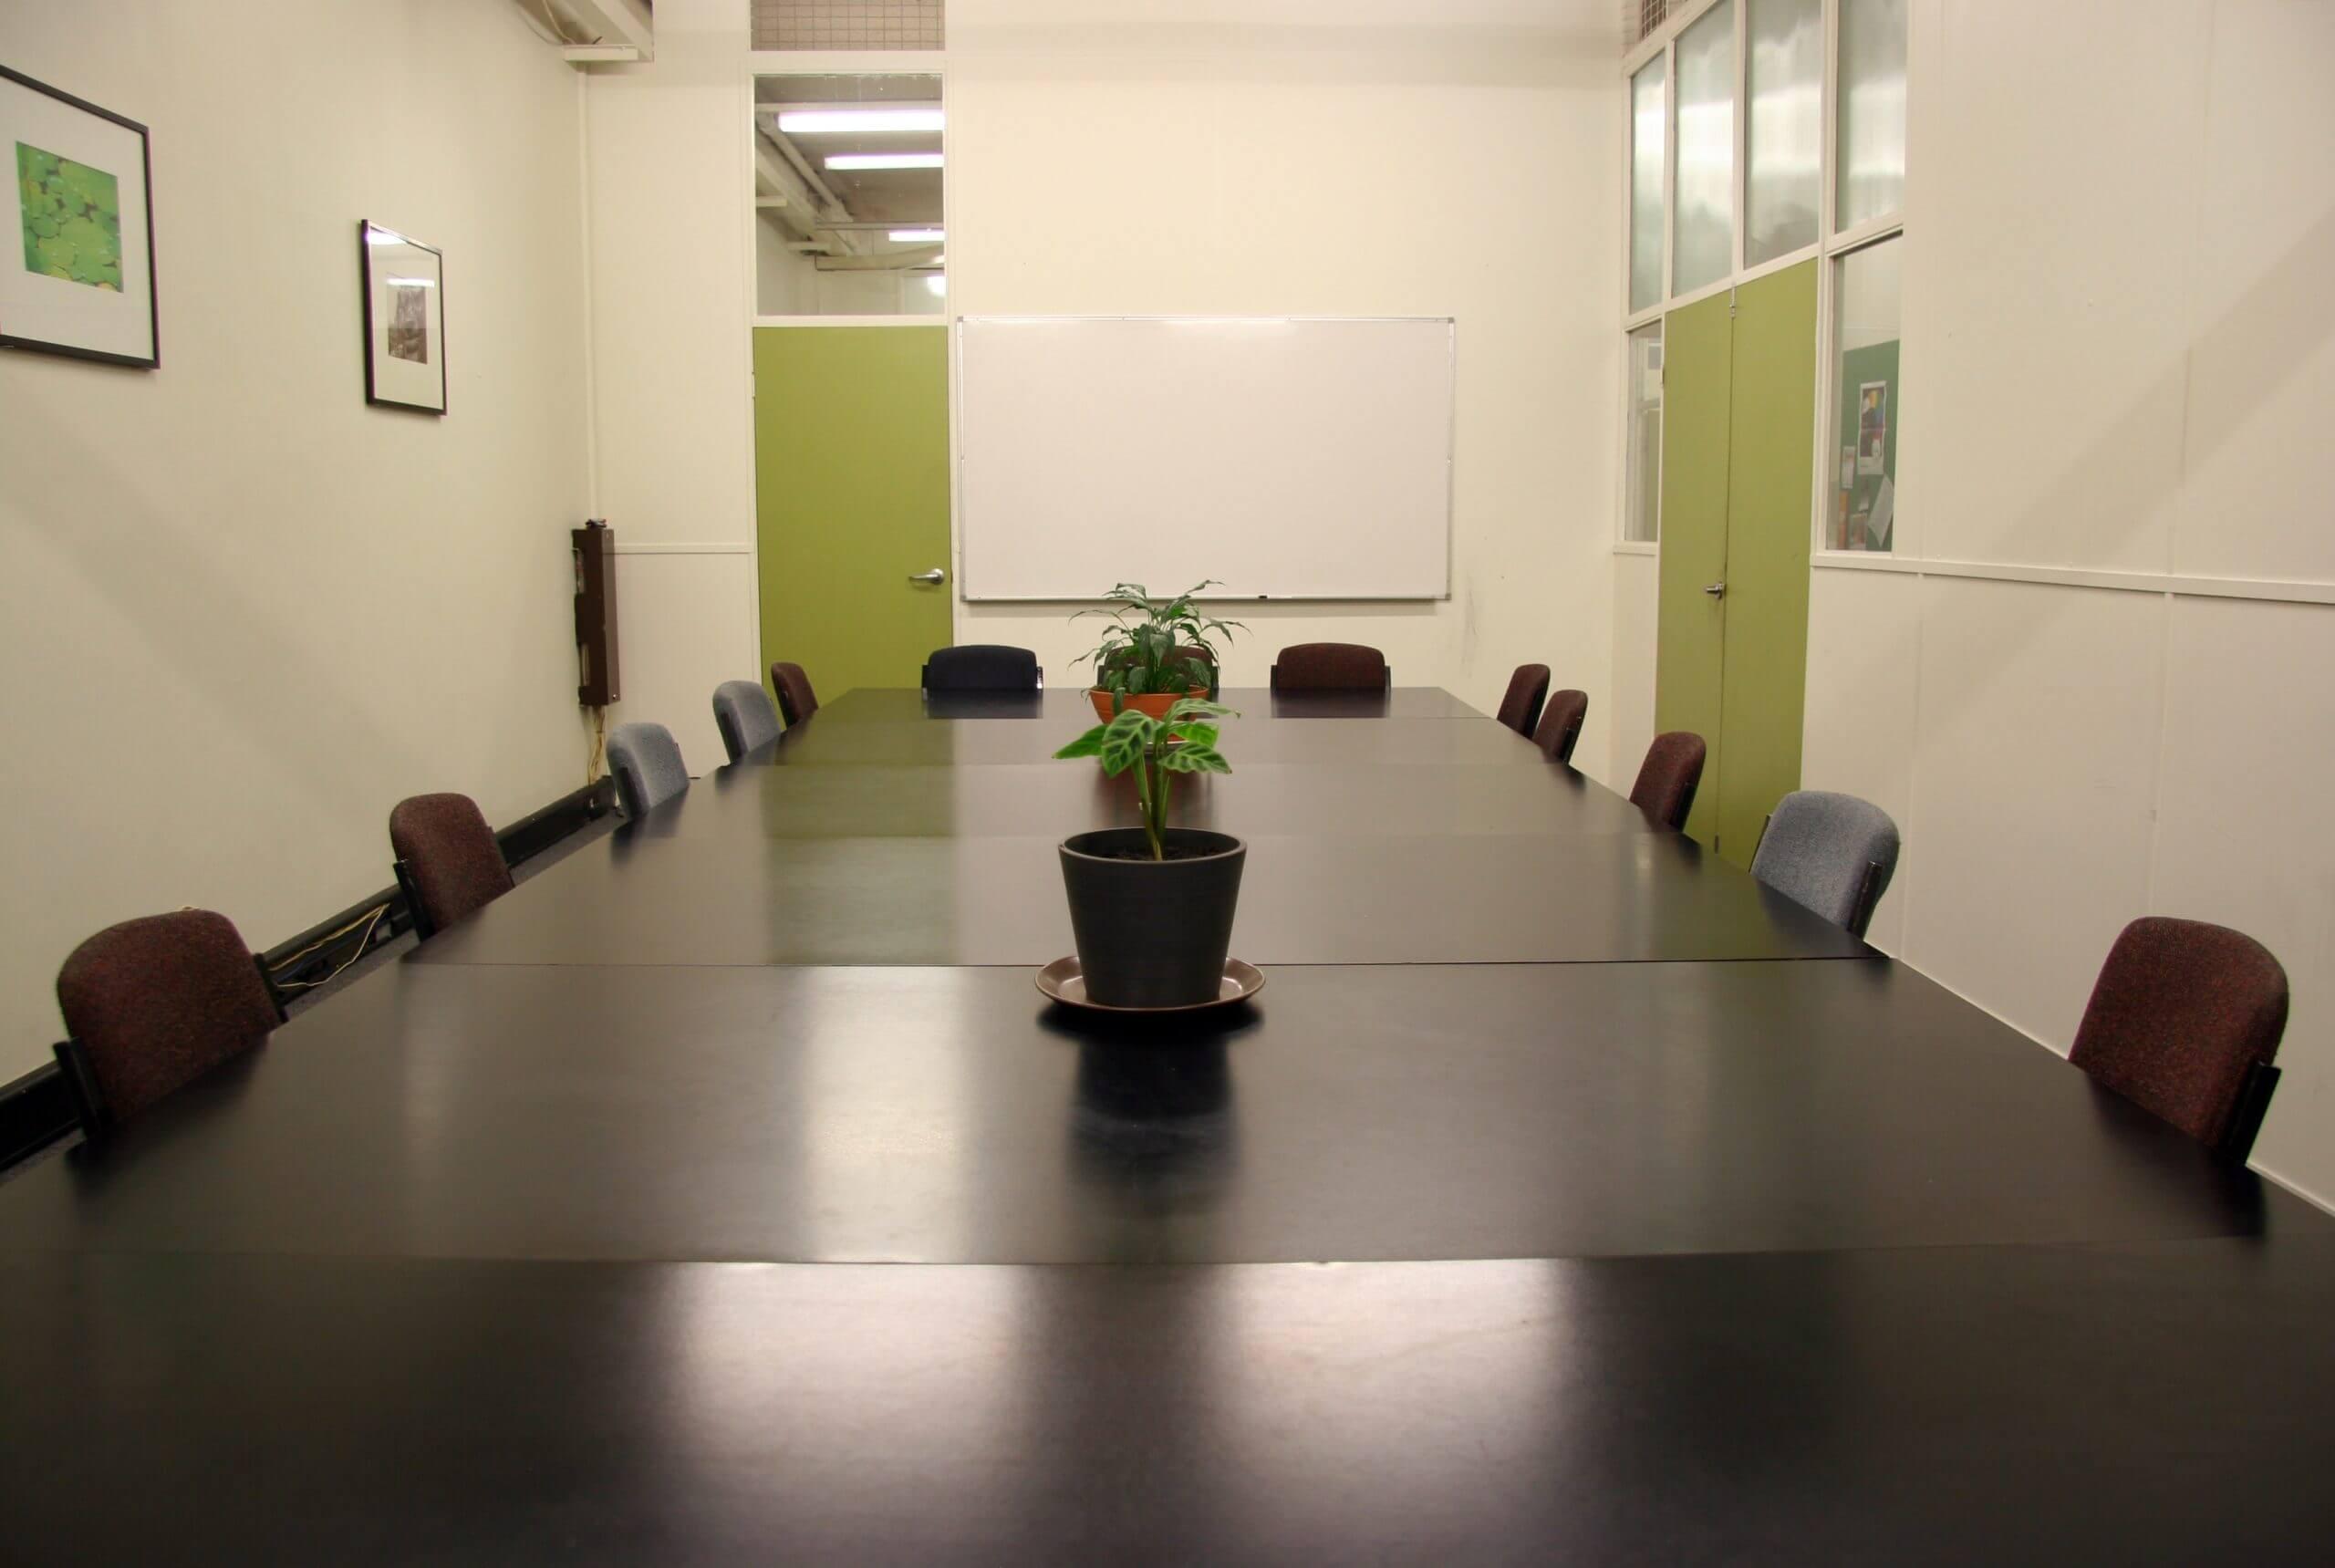 1.1 Meeting Room